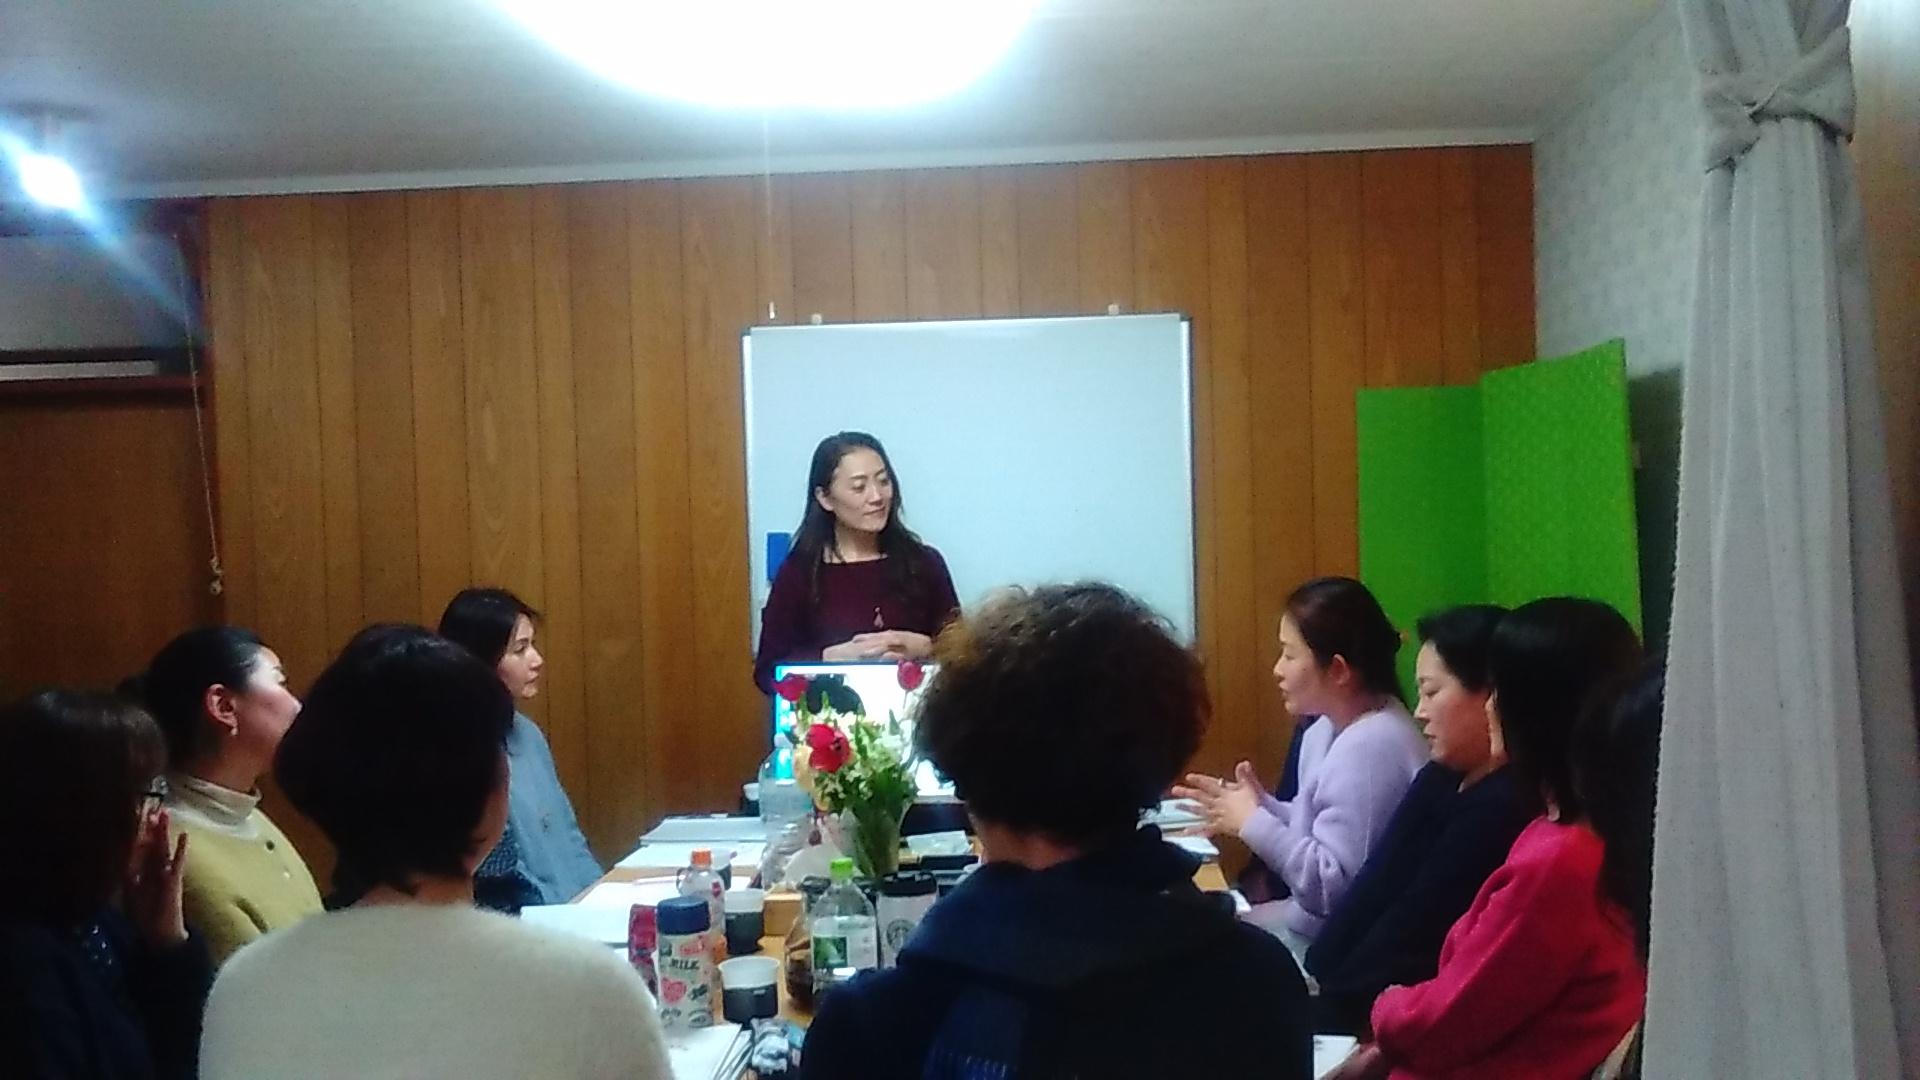 KIMG1493 - 胎内記憶教育協会、講師養成講座第5期の最終講義